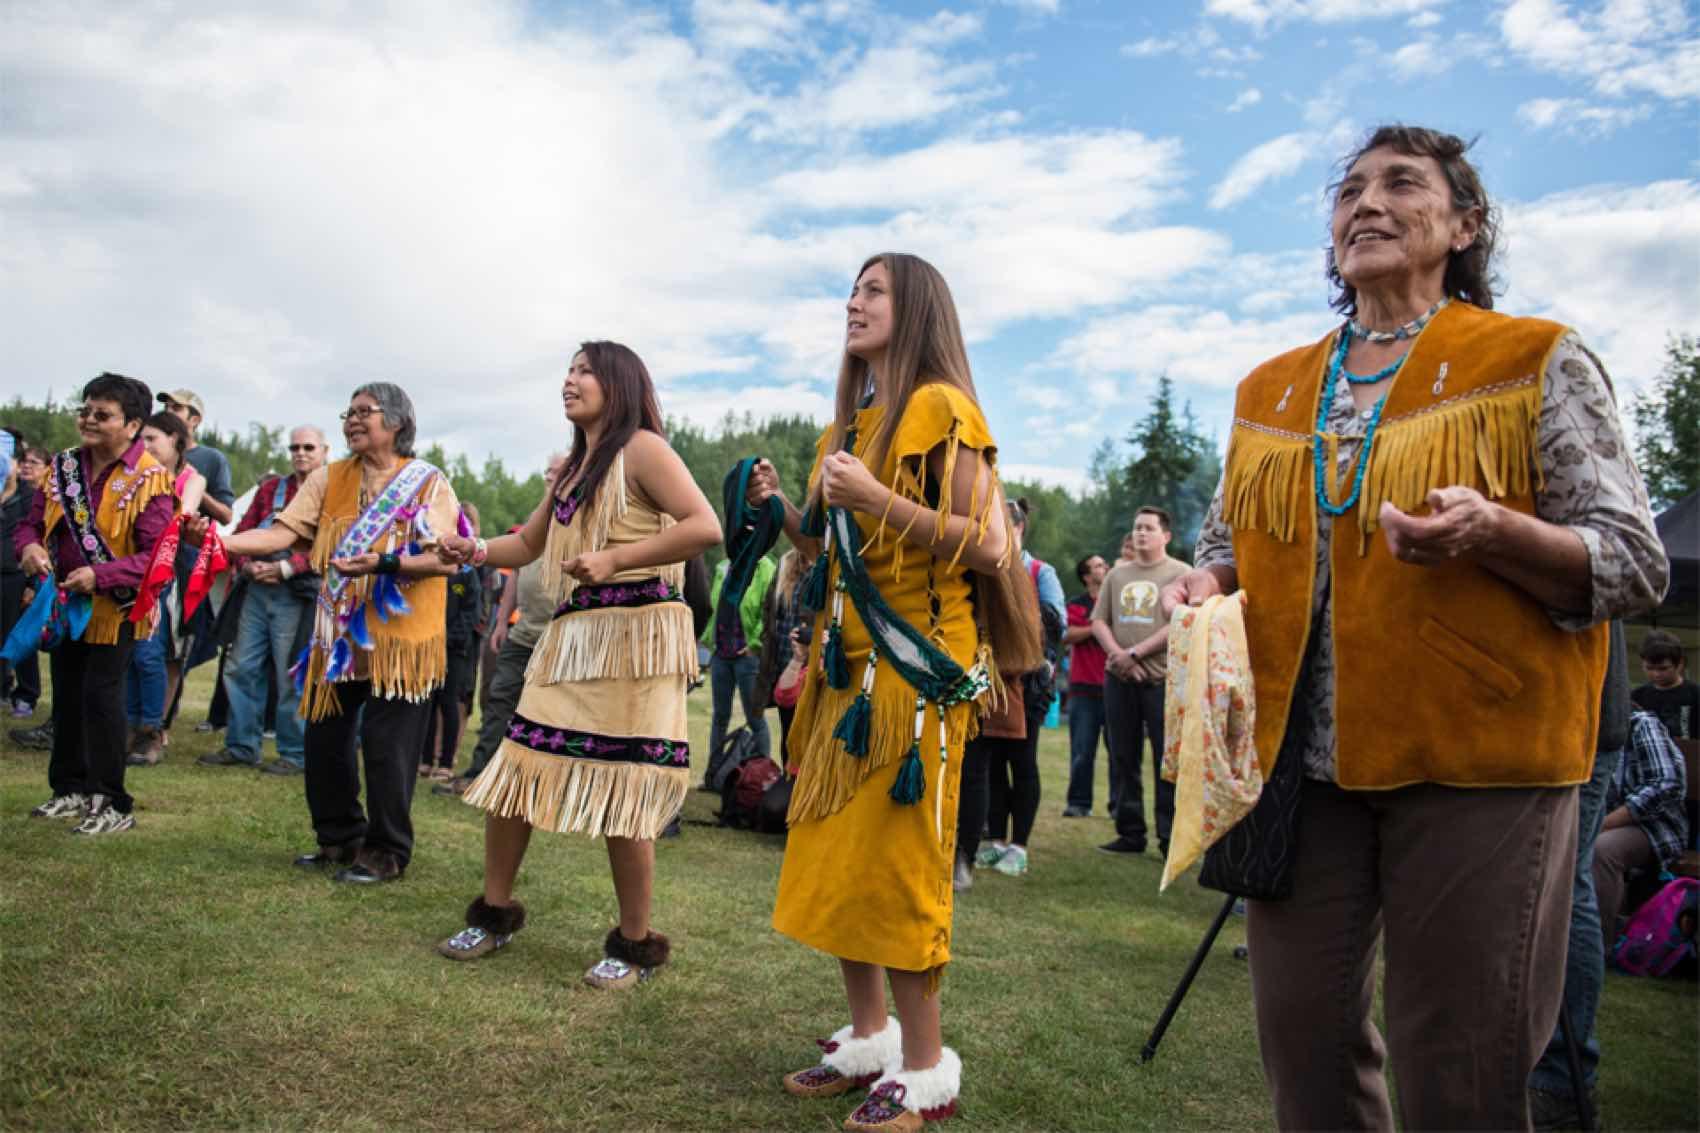 Opplevelse i Canada: Lokale viser frem dans og kultur i en by som har mye å tilby.